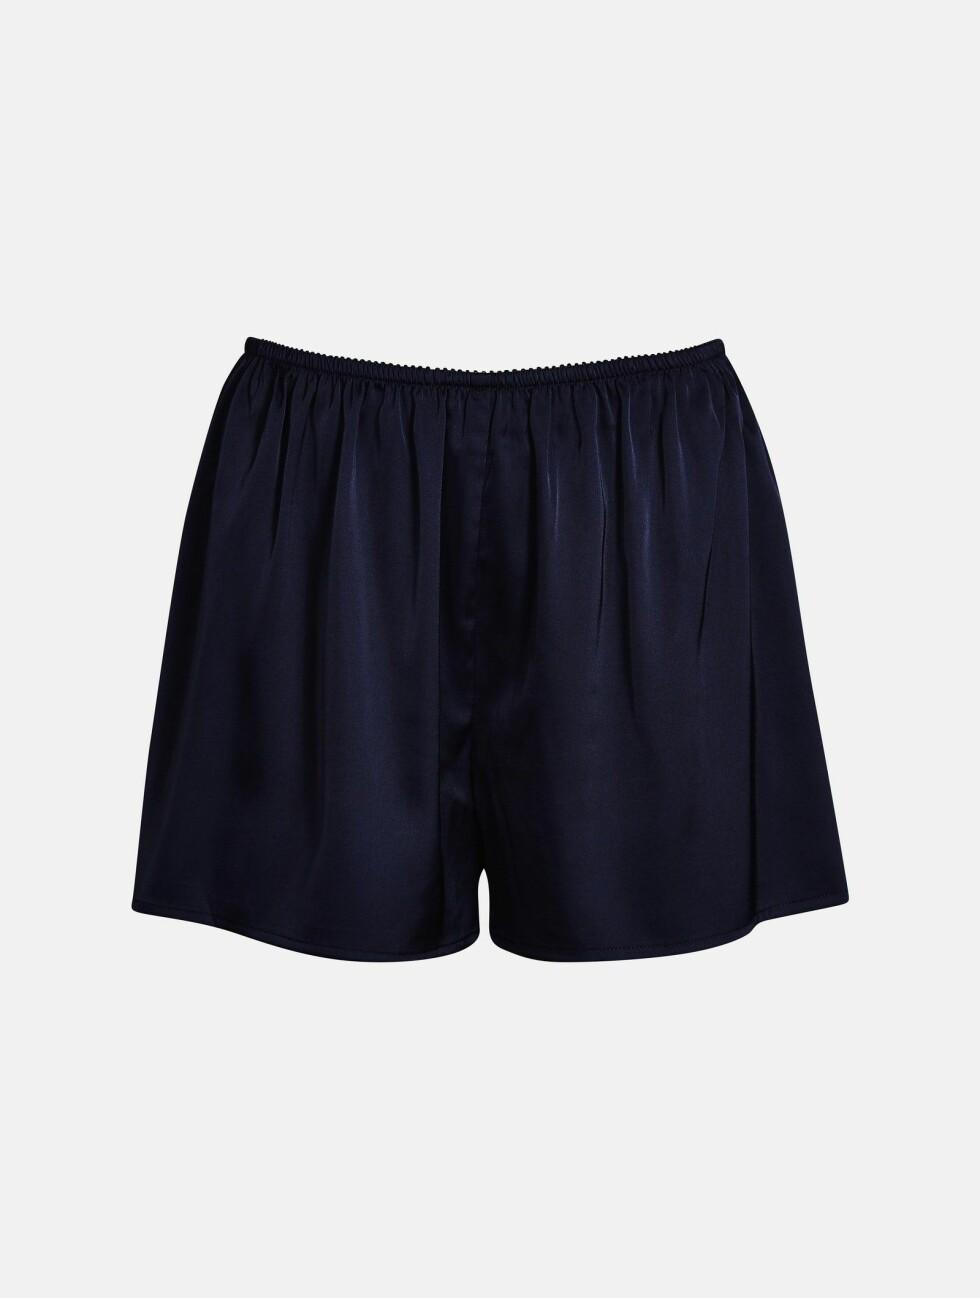 Shorts fra Bik Bok |149,-| https://bikbok.com/no/p/nattoy/pyjamas/ginger-bottom/7227486_F583